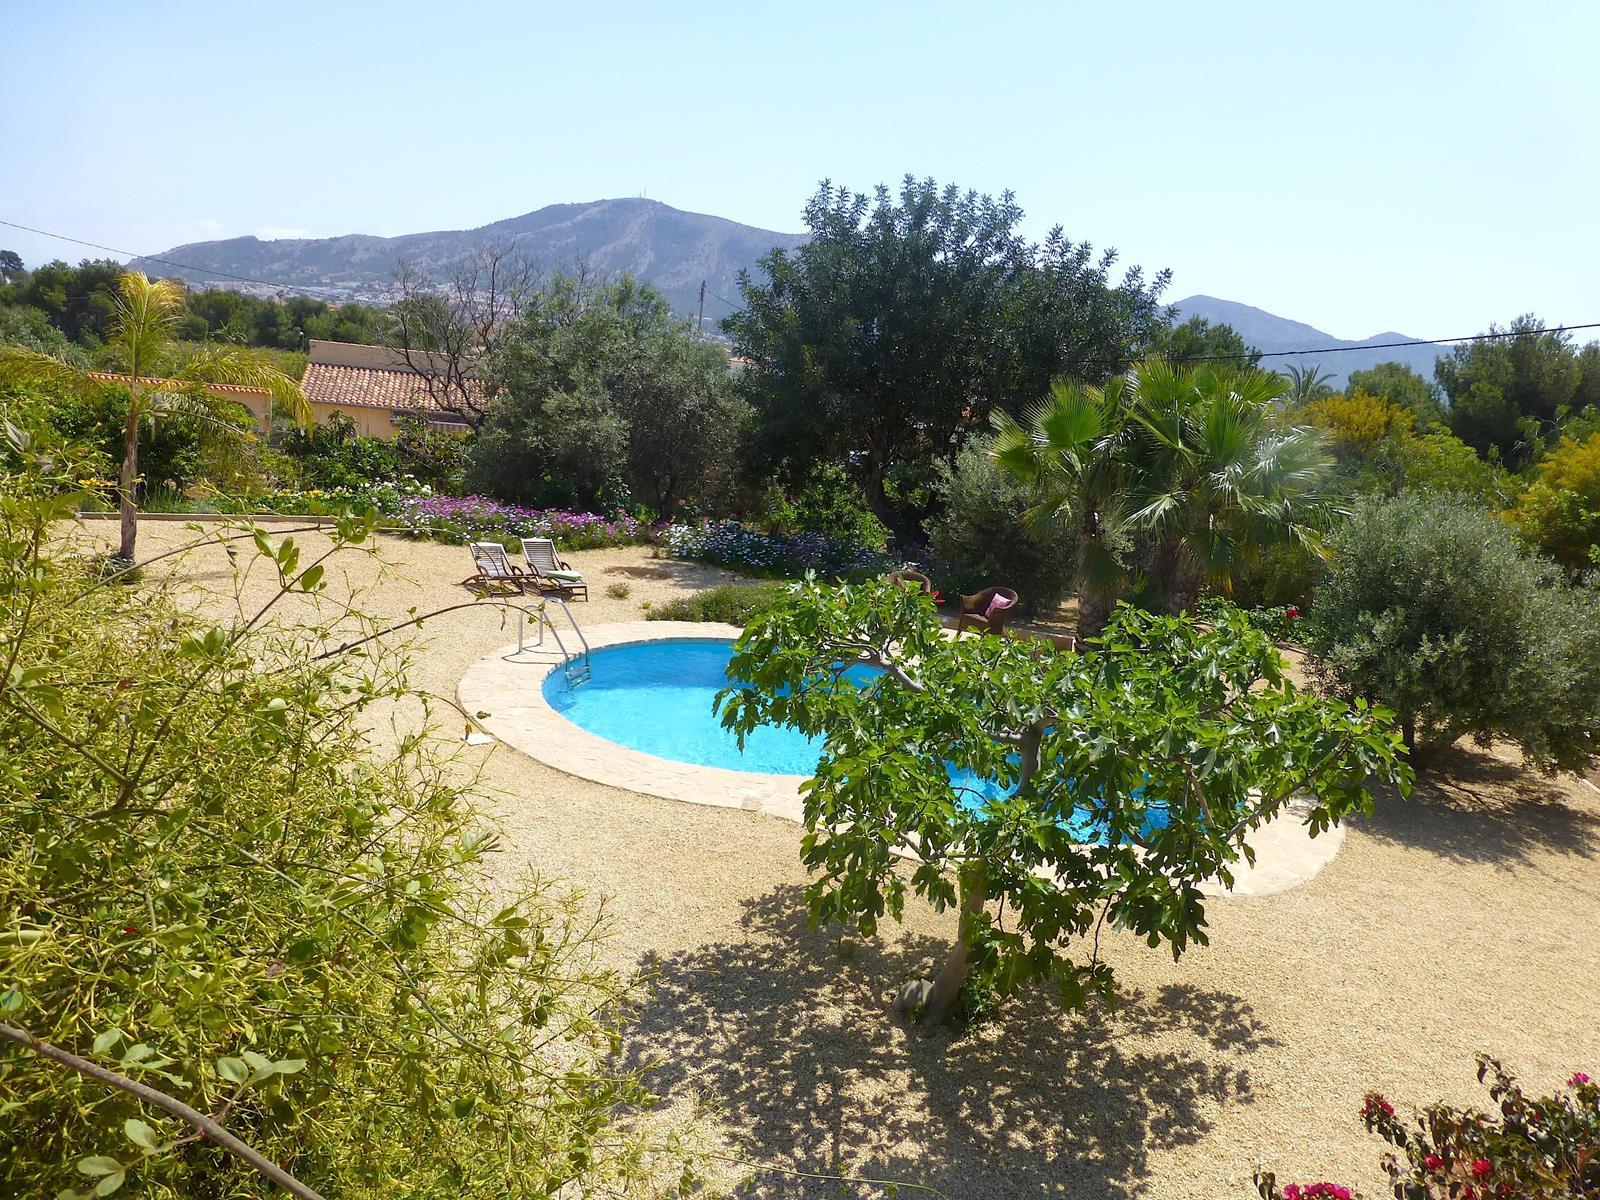 Chalet   Villa en venta en Alfas del Pi de estilo rustico